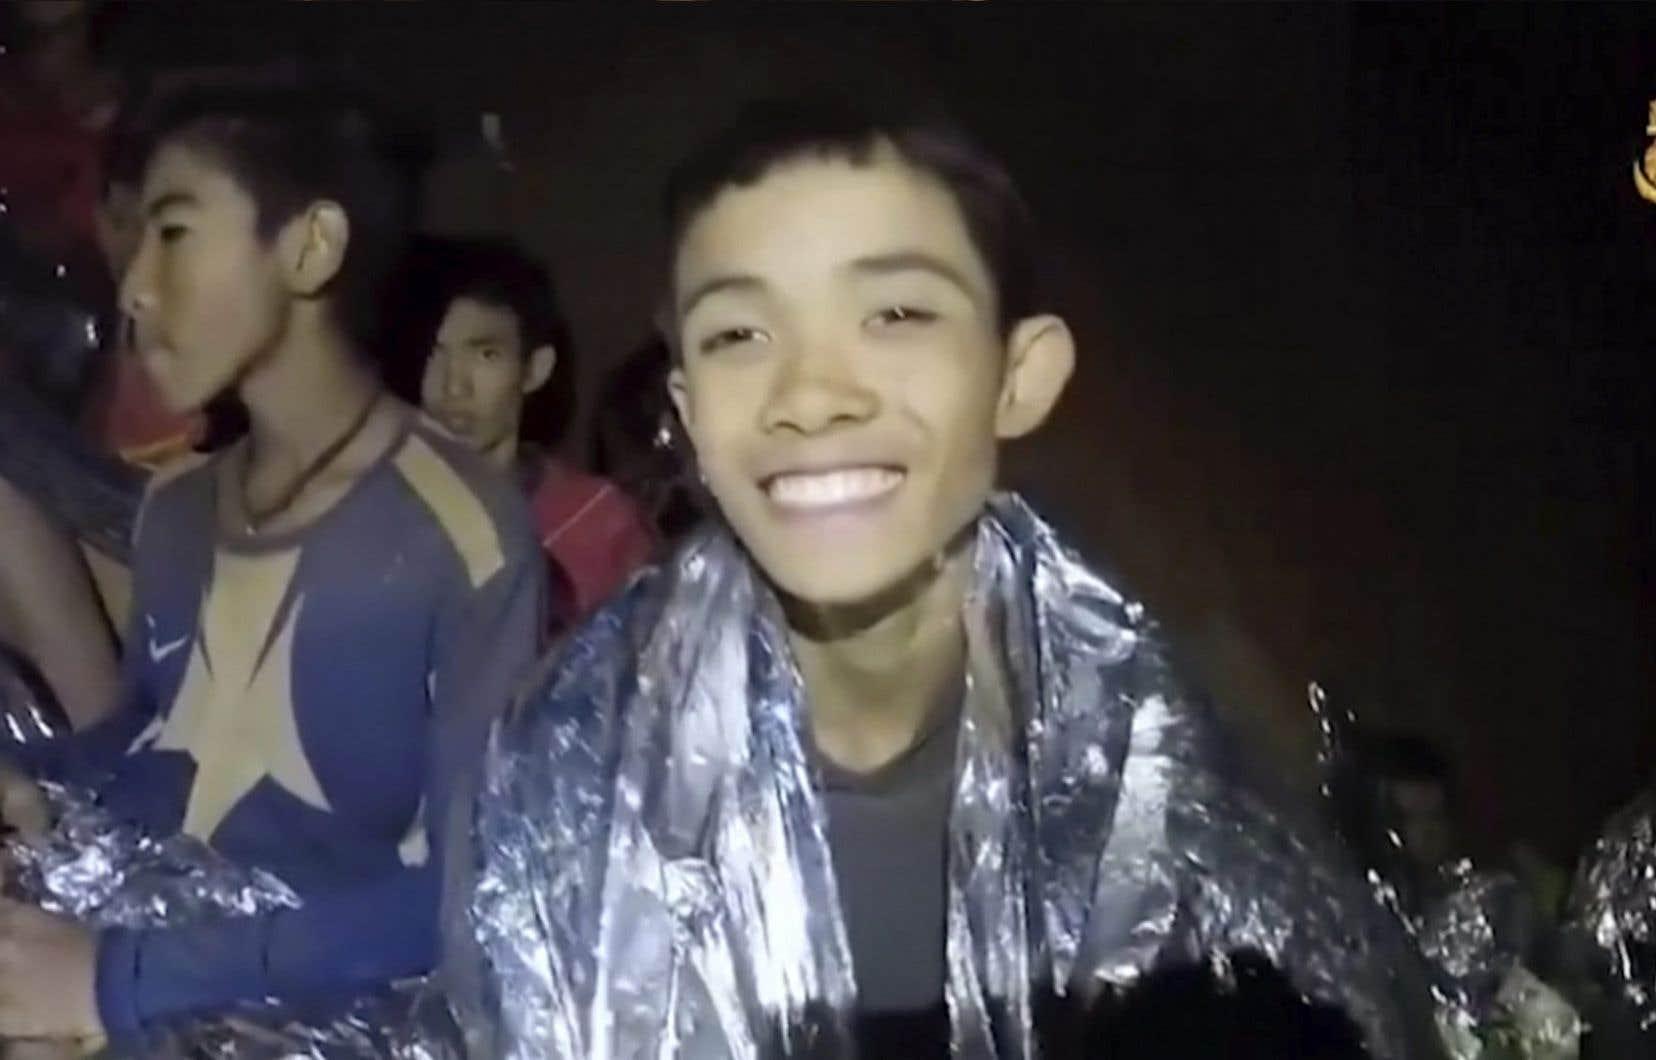 Les secouristes qui sont avec les enfants dans la grotte les remettent en forme et leur apprennent à se servir du matériel de plongée.